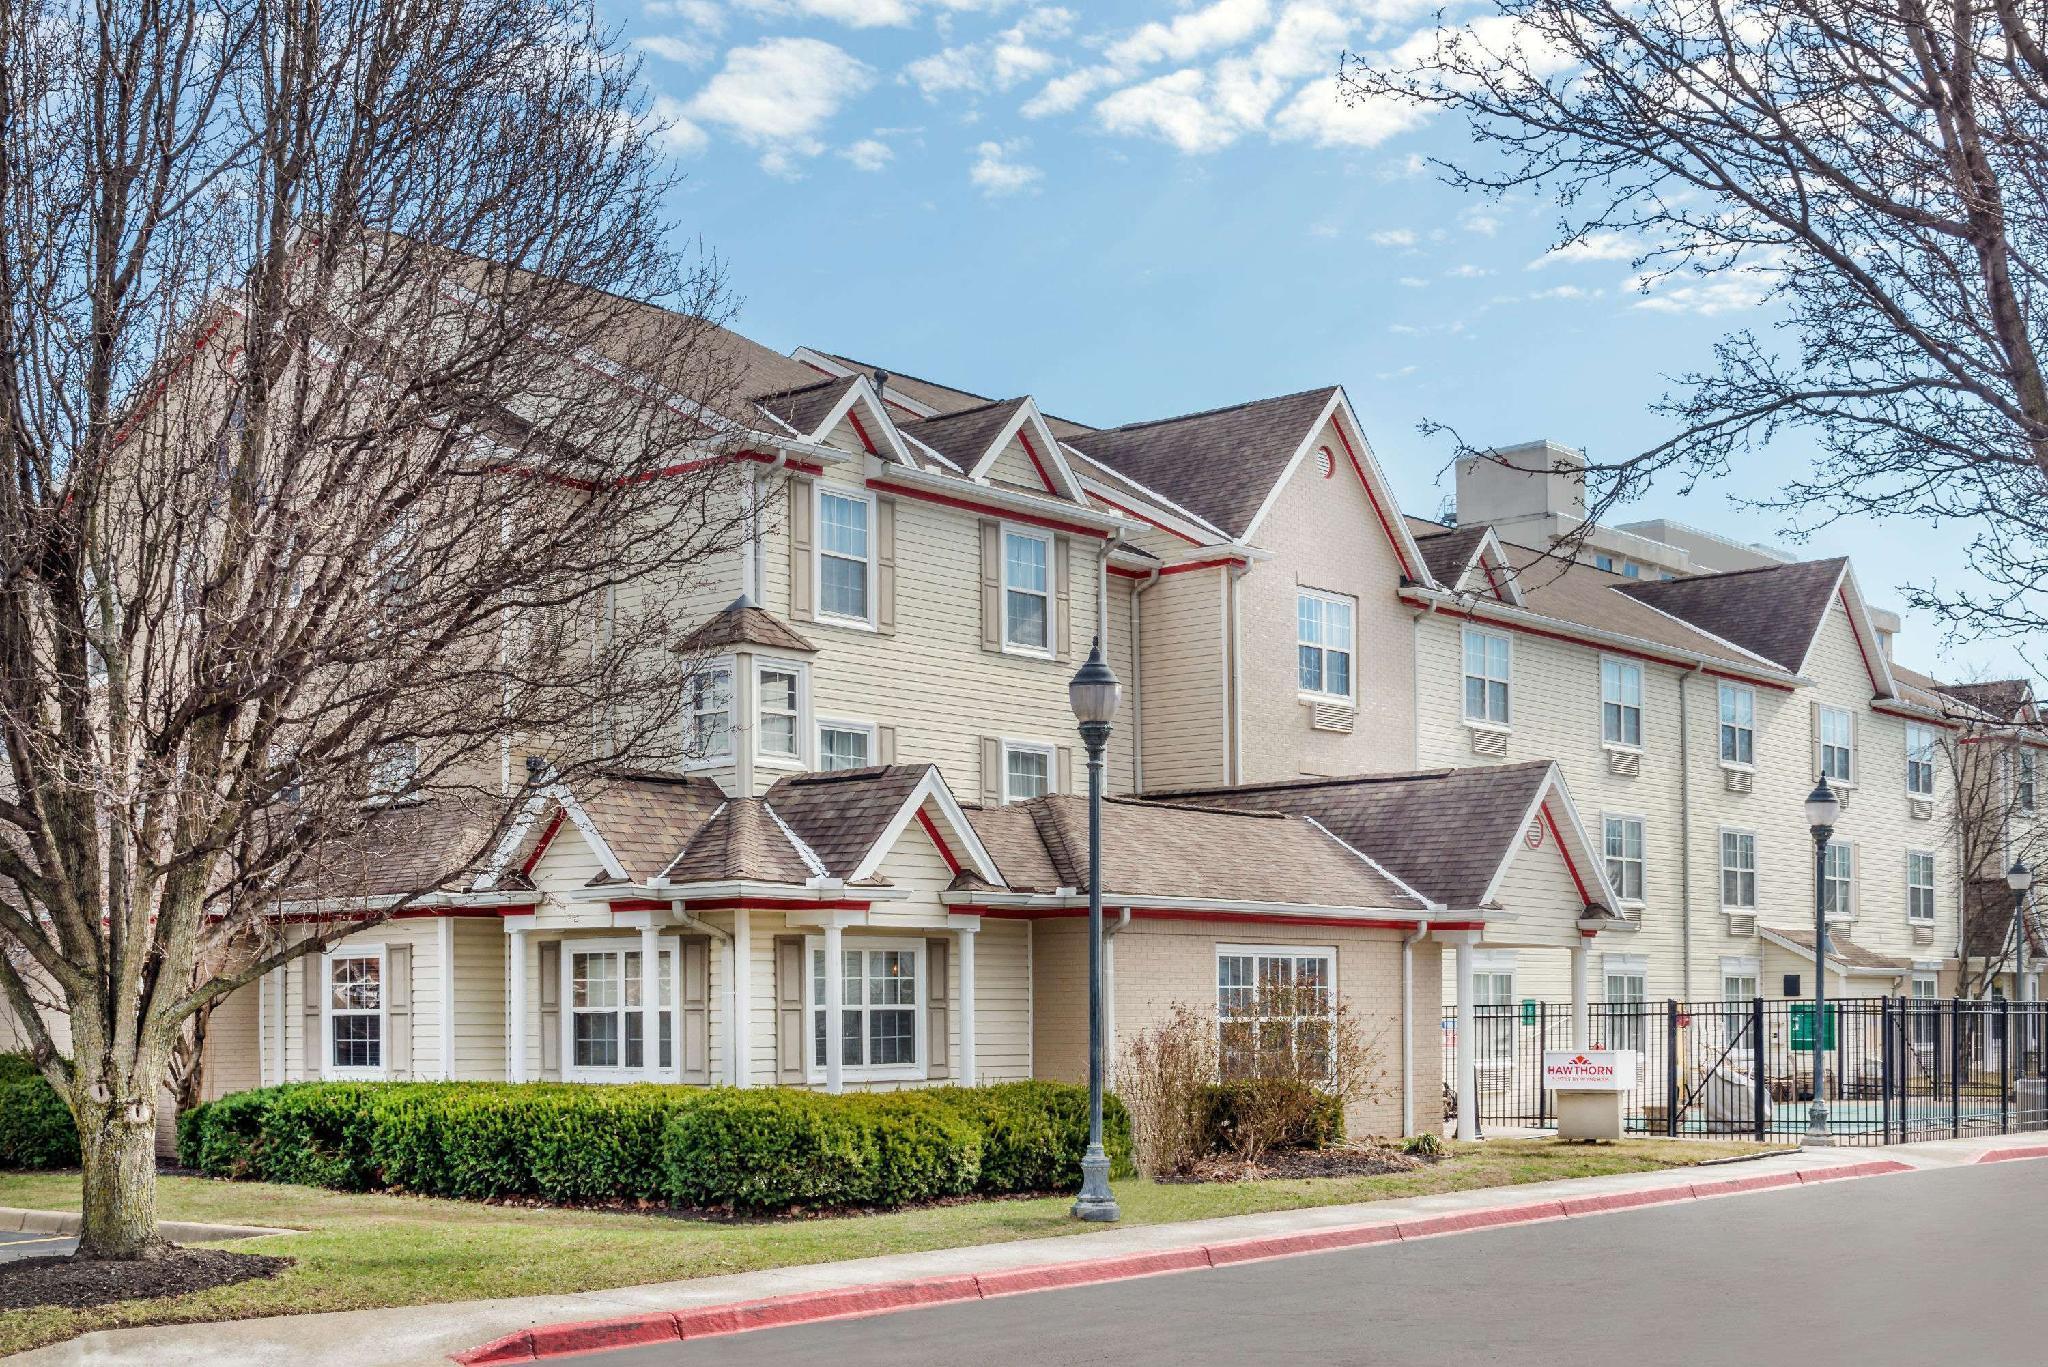 Hawthorn Suites By Wyndham Louisville North